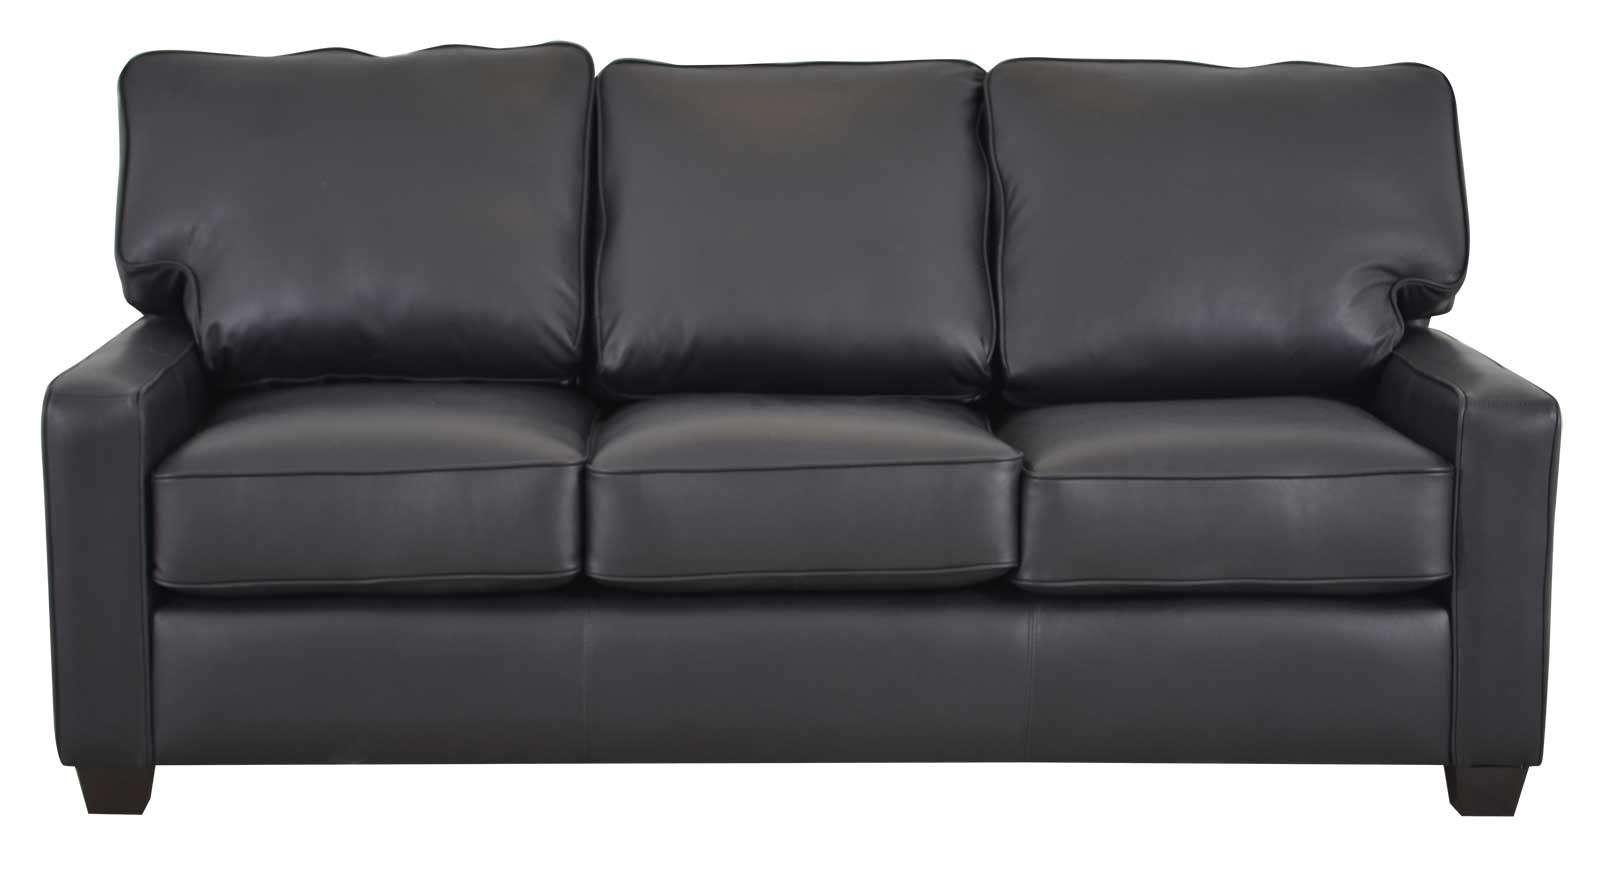 dakota sofa costco l shaped under 20000 decoro leather review home co